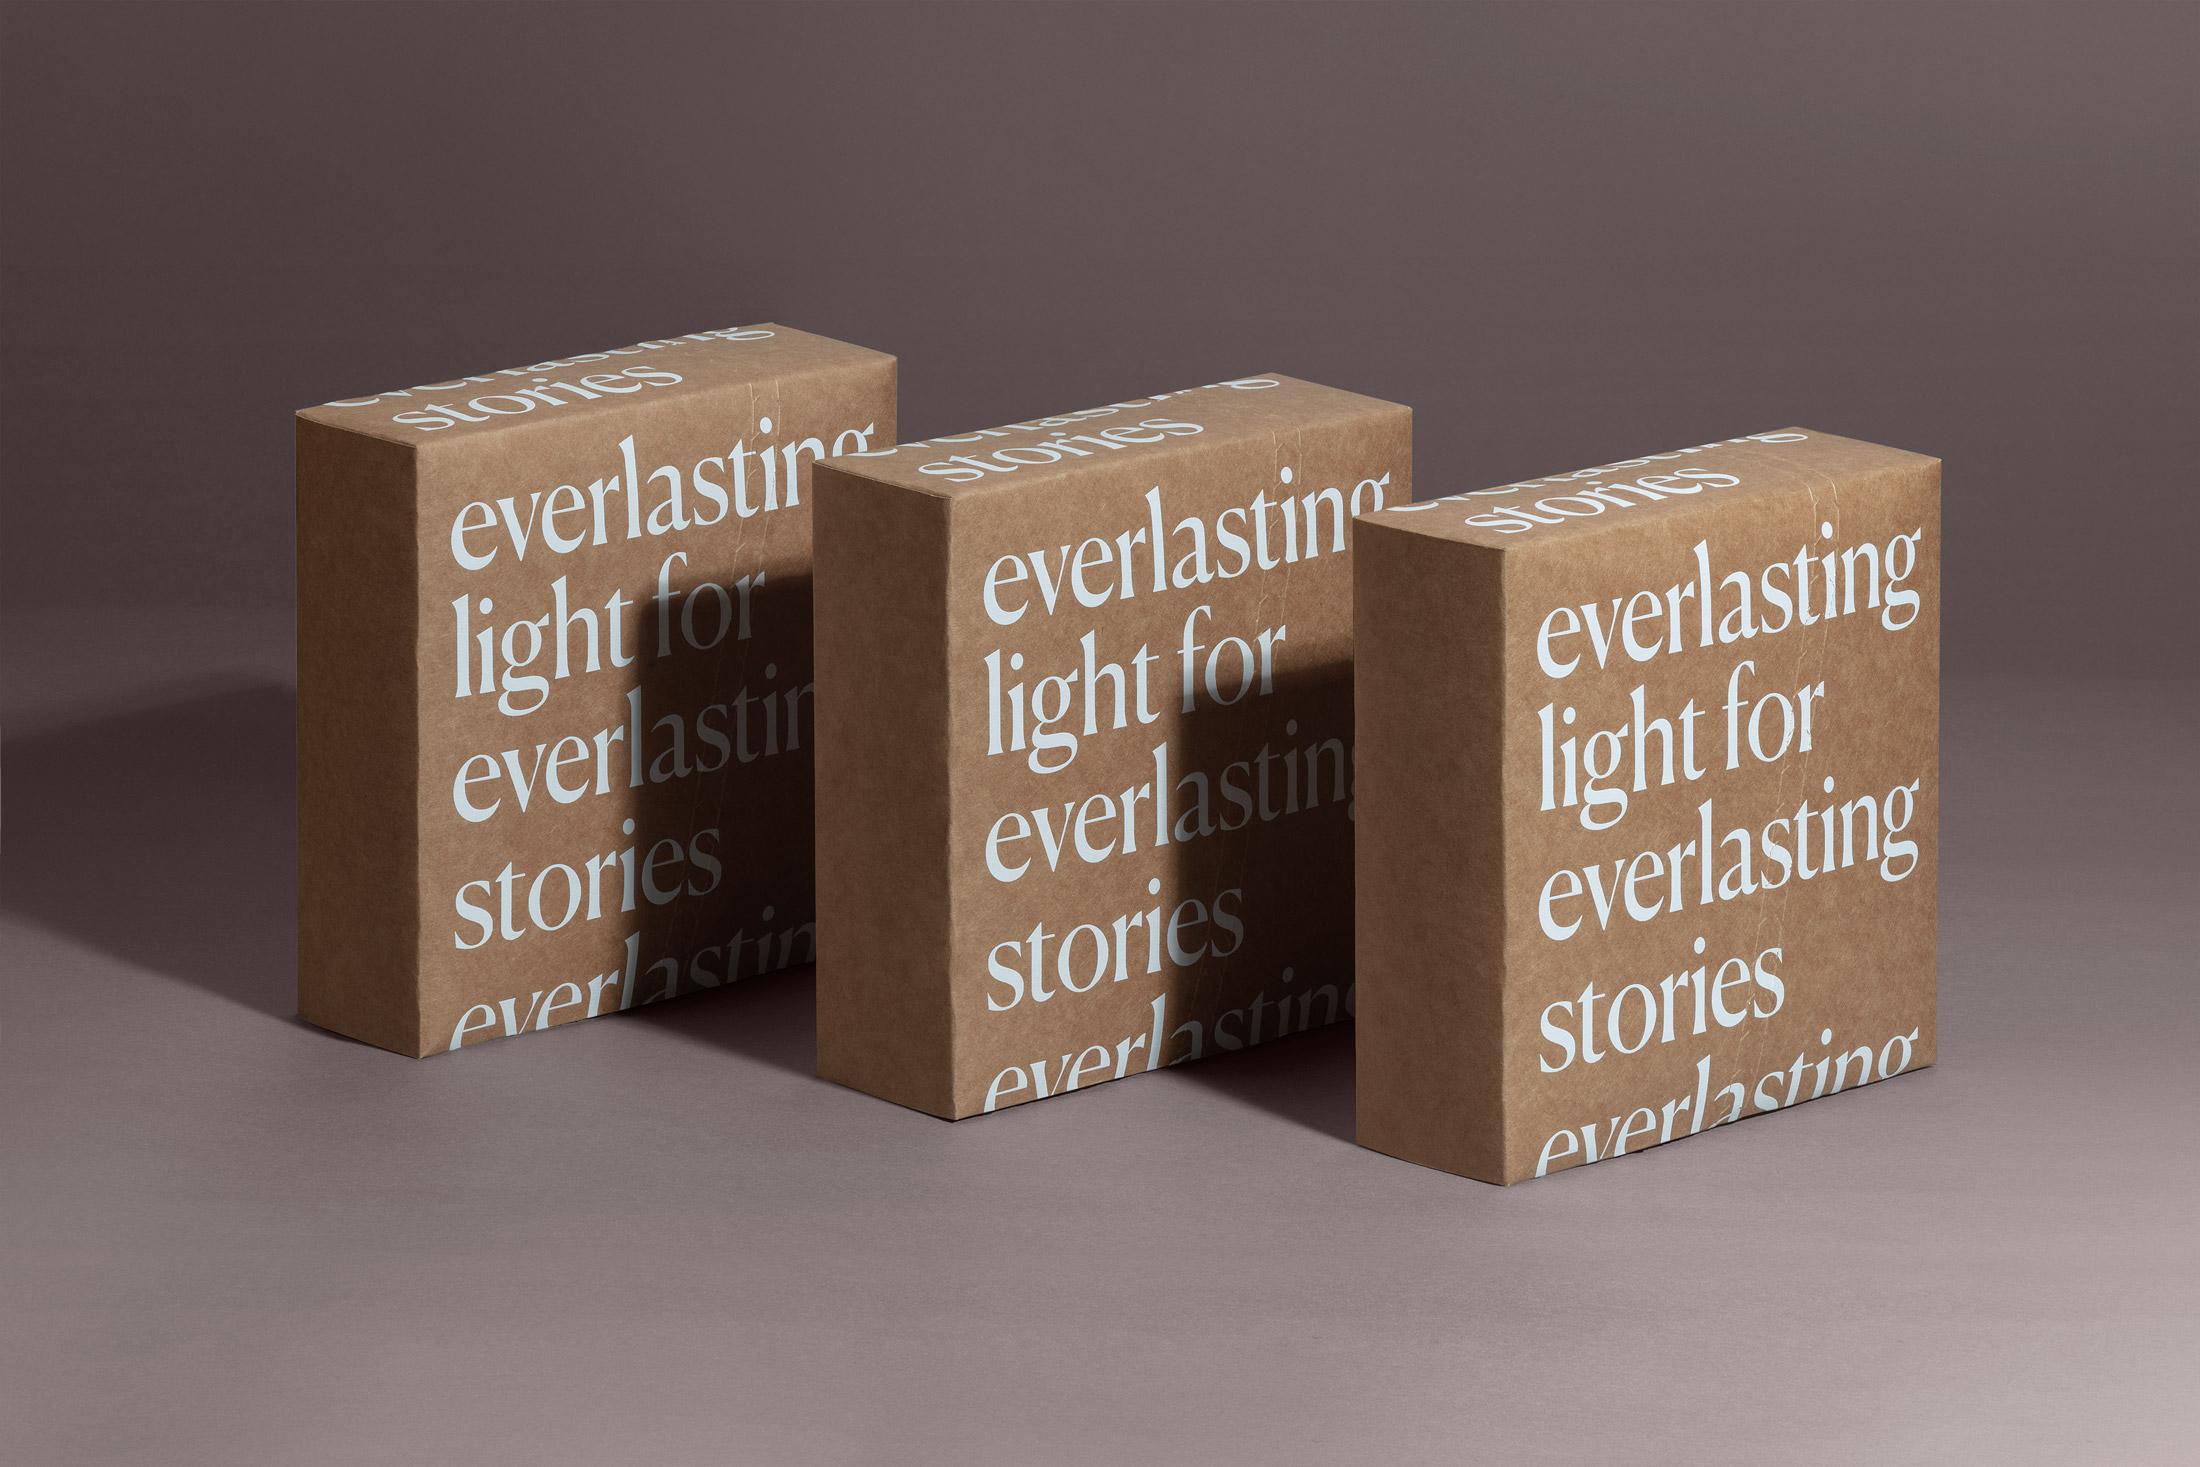 Noreste Create Everlasting Light for Everlasting Stories